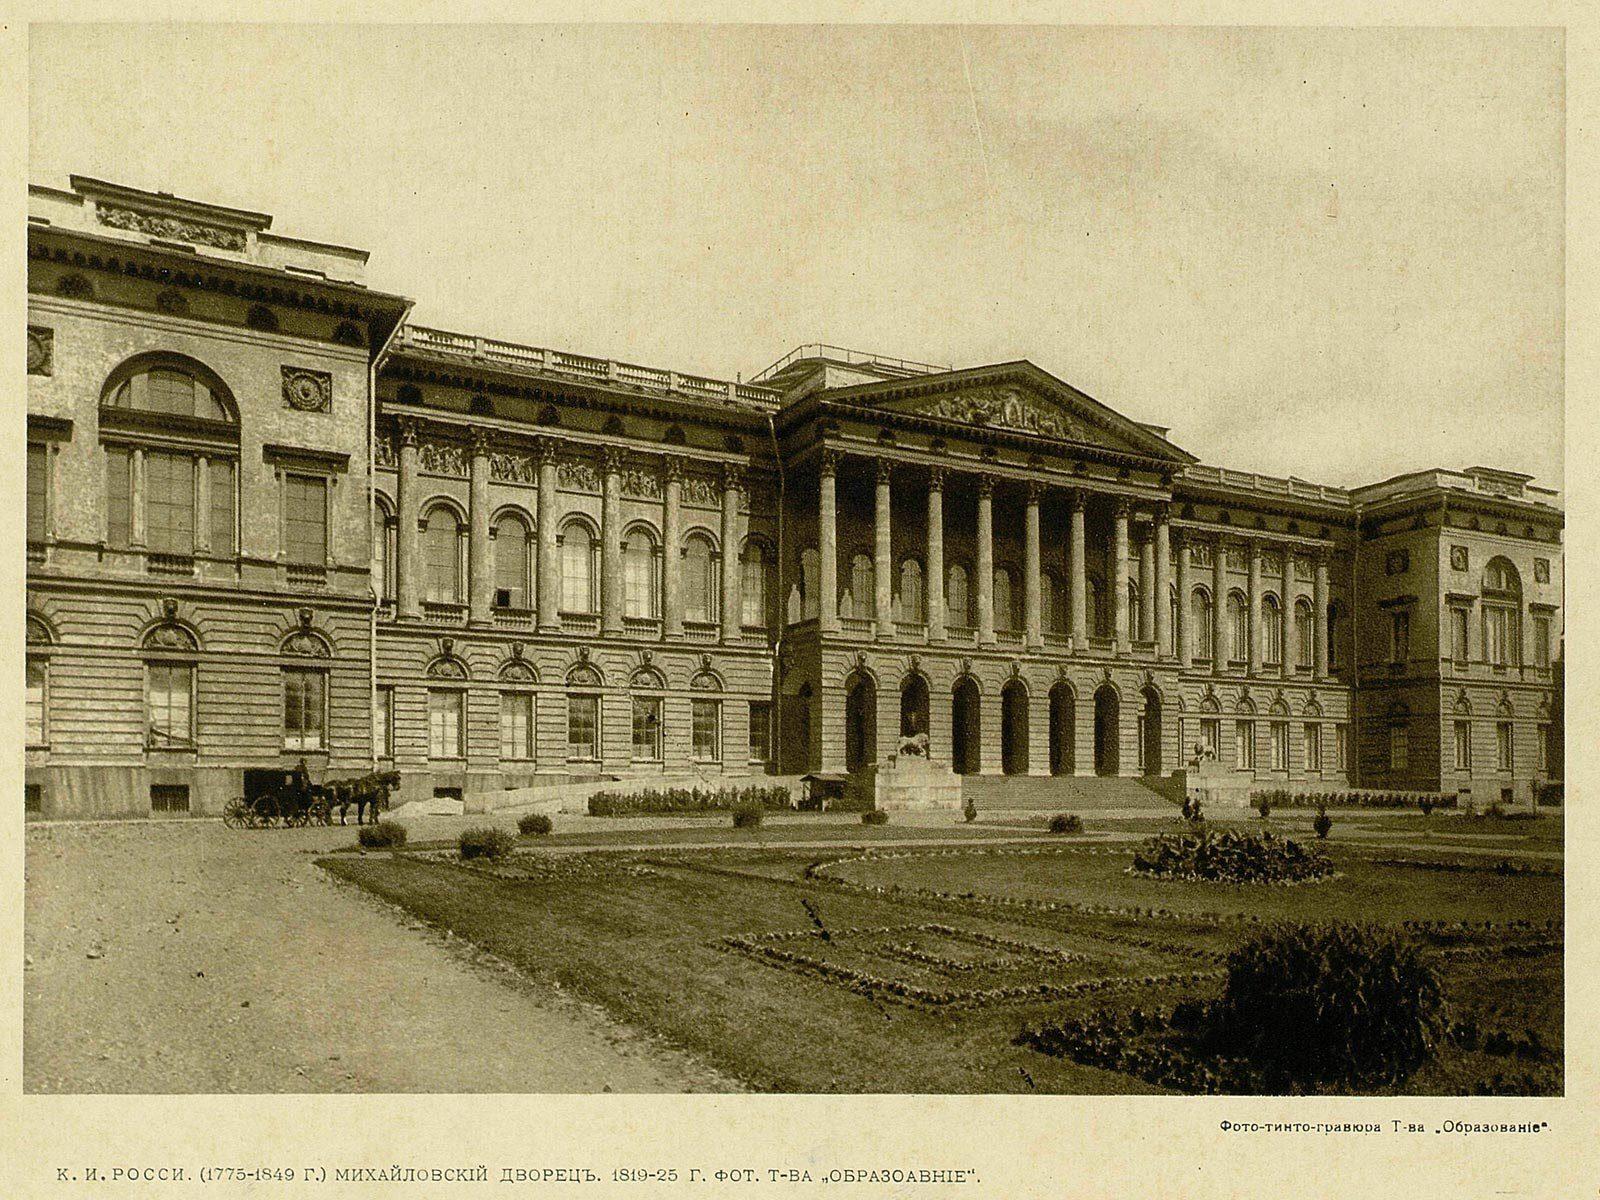 Михайловский дворец, 1913г.